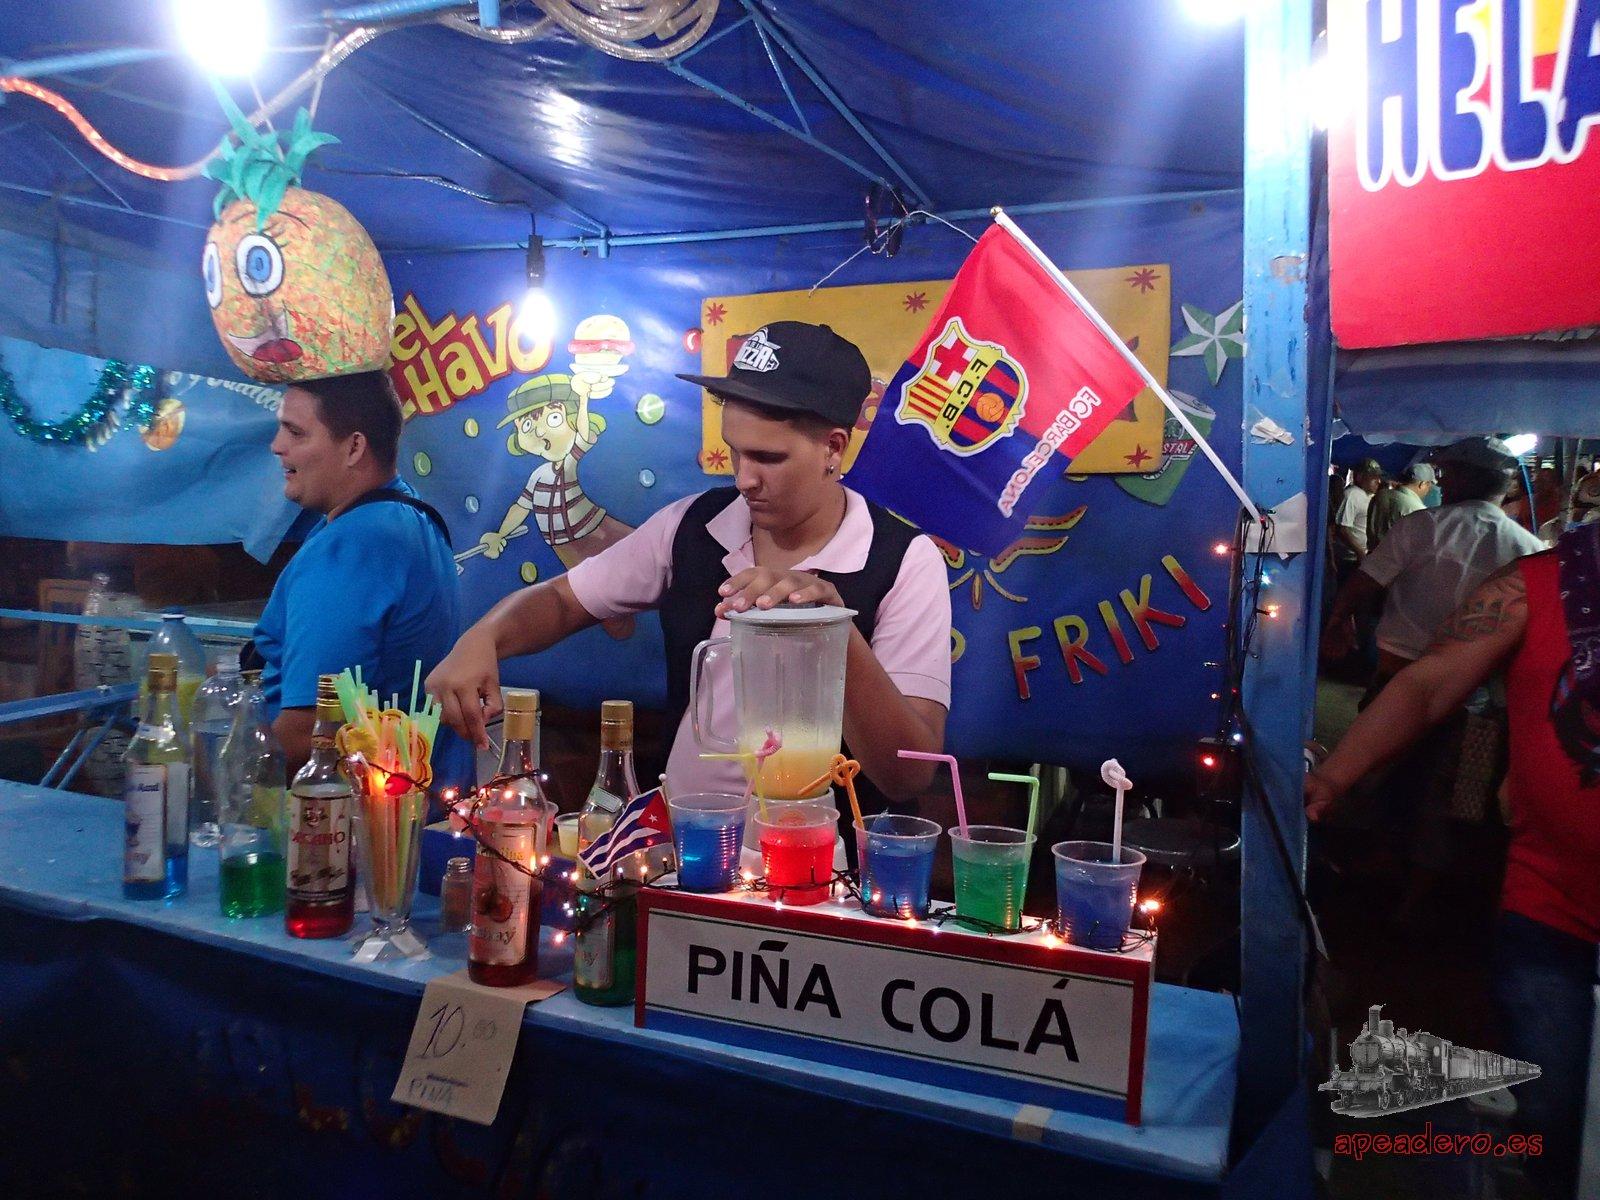 Puesto de comida en Cienfuegos el día que visitamos el carnaval de La Habana y Cienfuegos